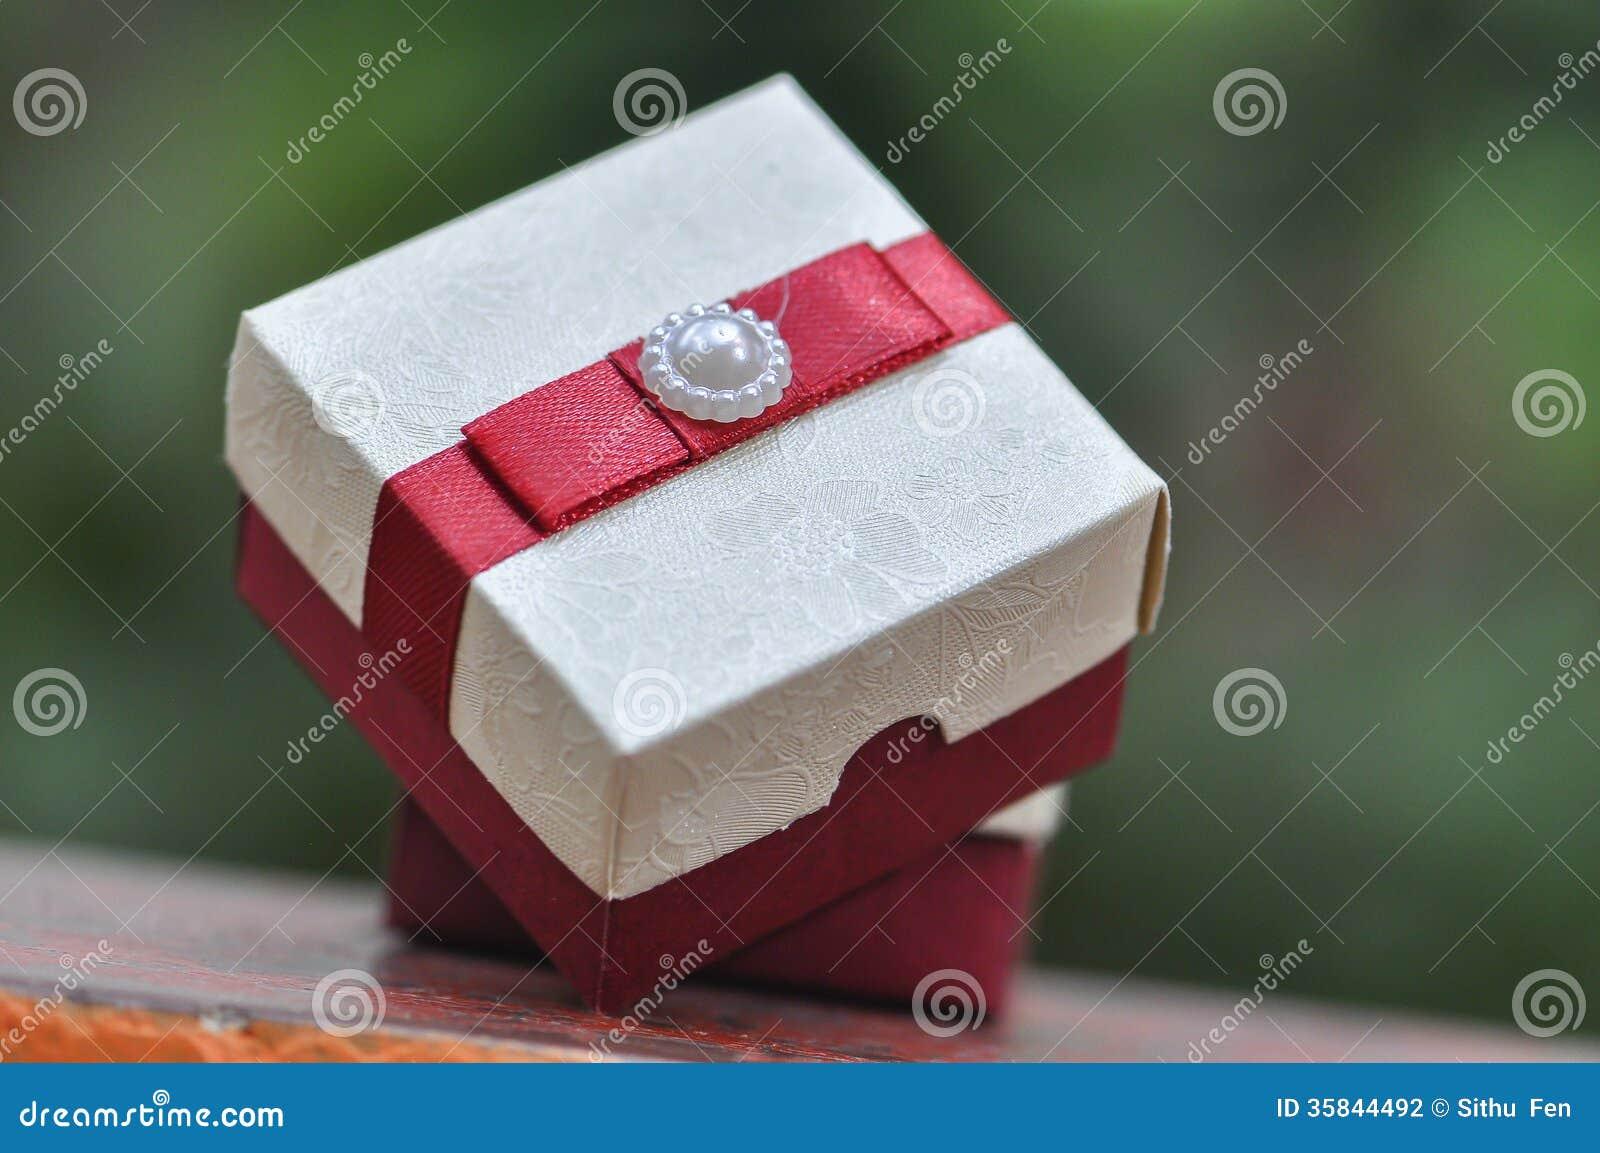 Pictures of wedding cake boxes – Wedding celebration blog